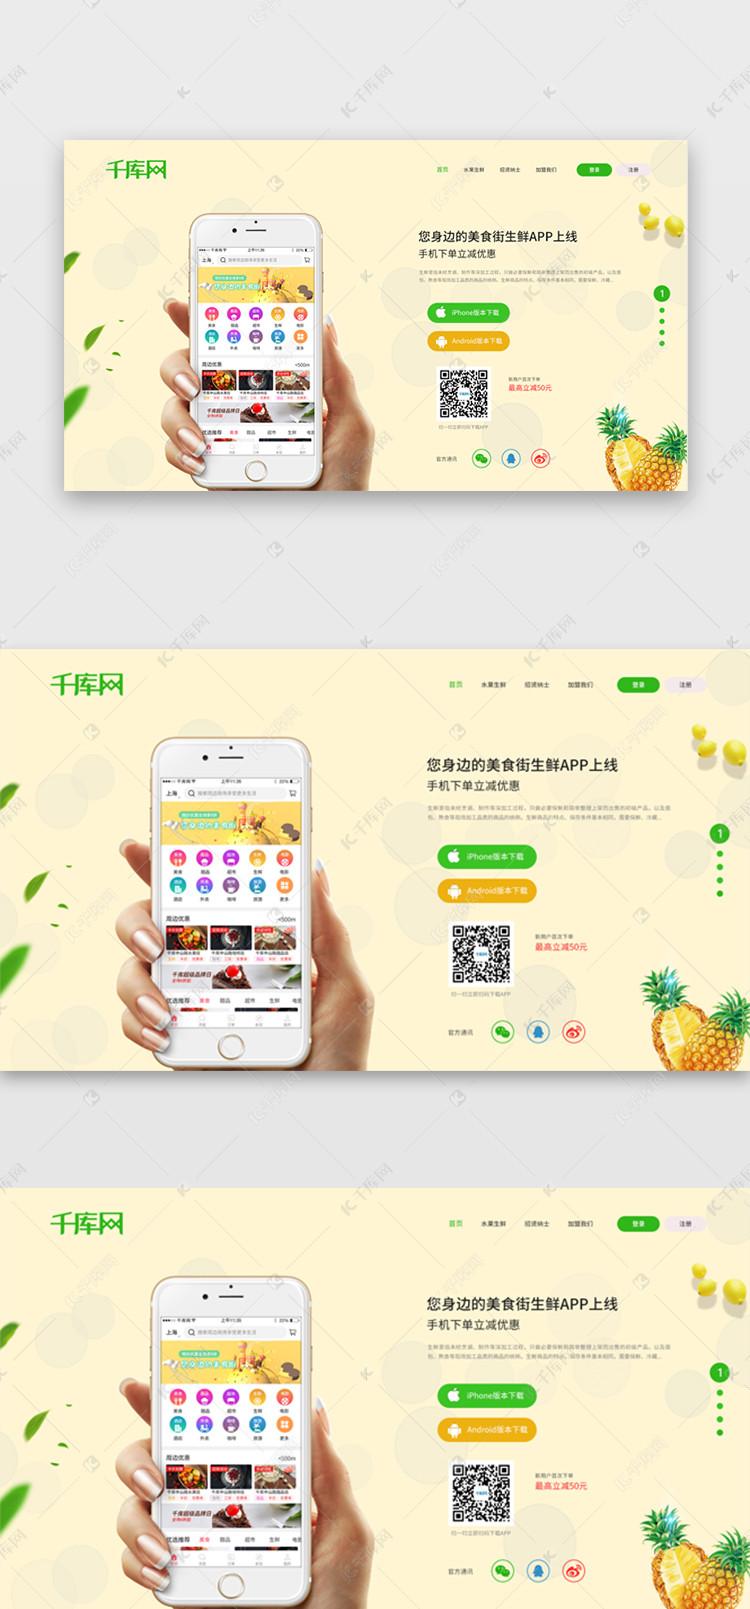 浅黄色轮廓软件下载网站ui设计素材revit页面绘制断面图片